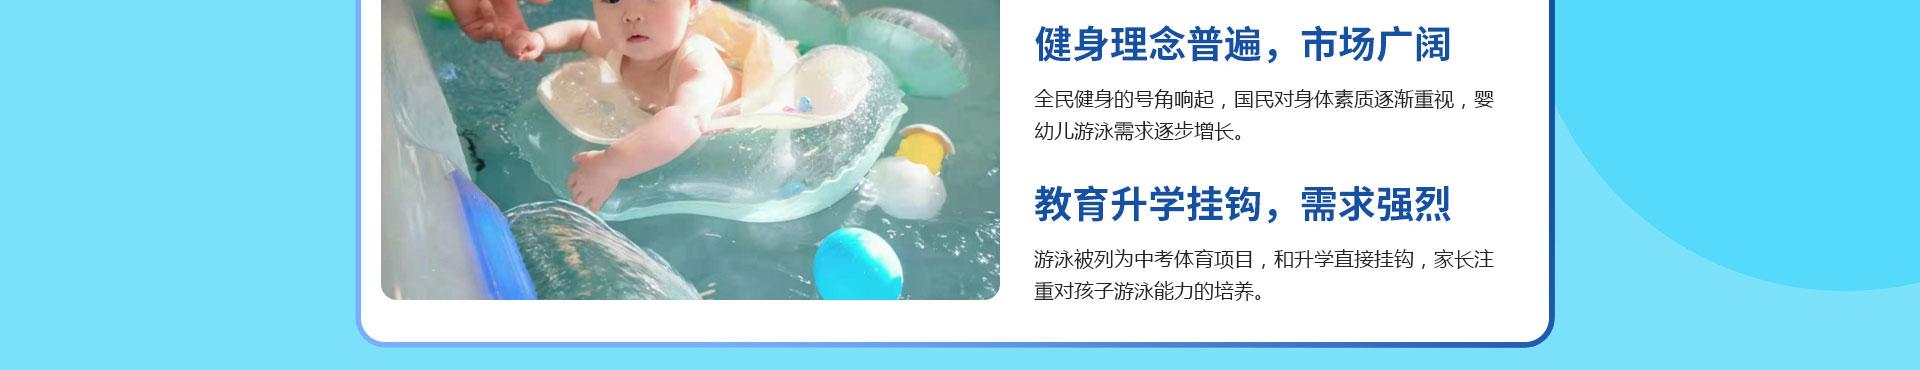 水母艾拉嬰幼兒水育中心smal_05